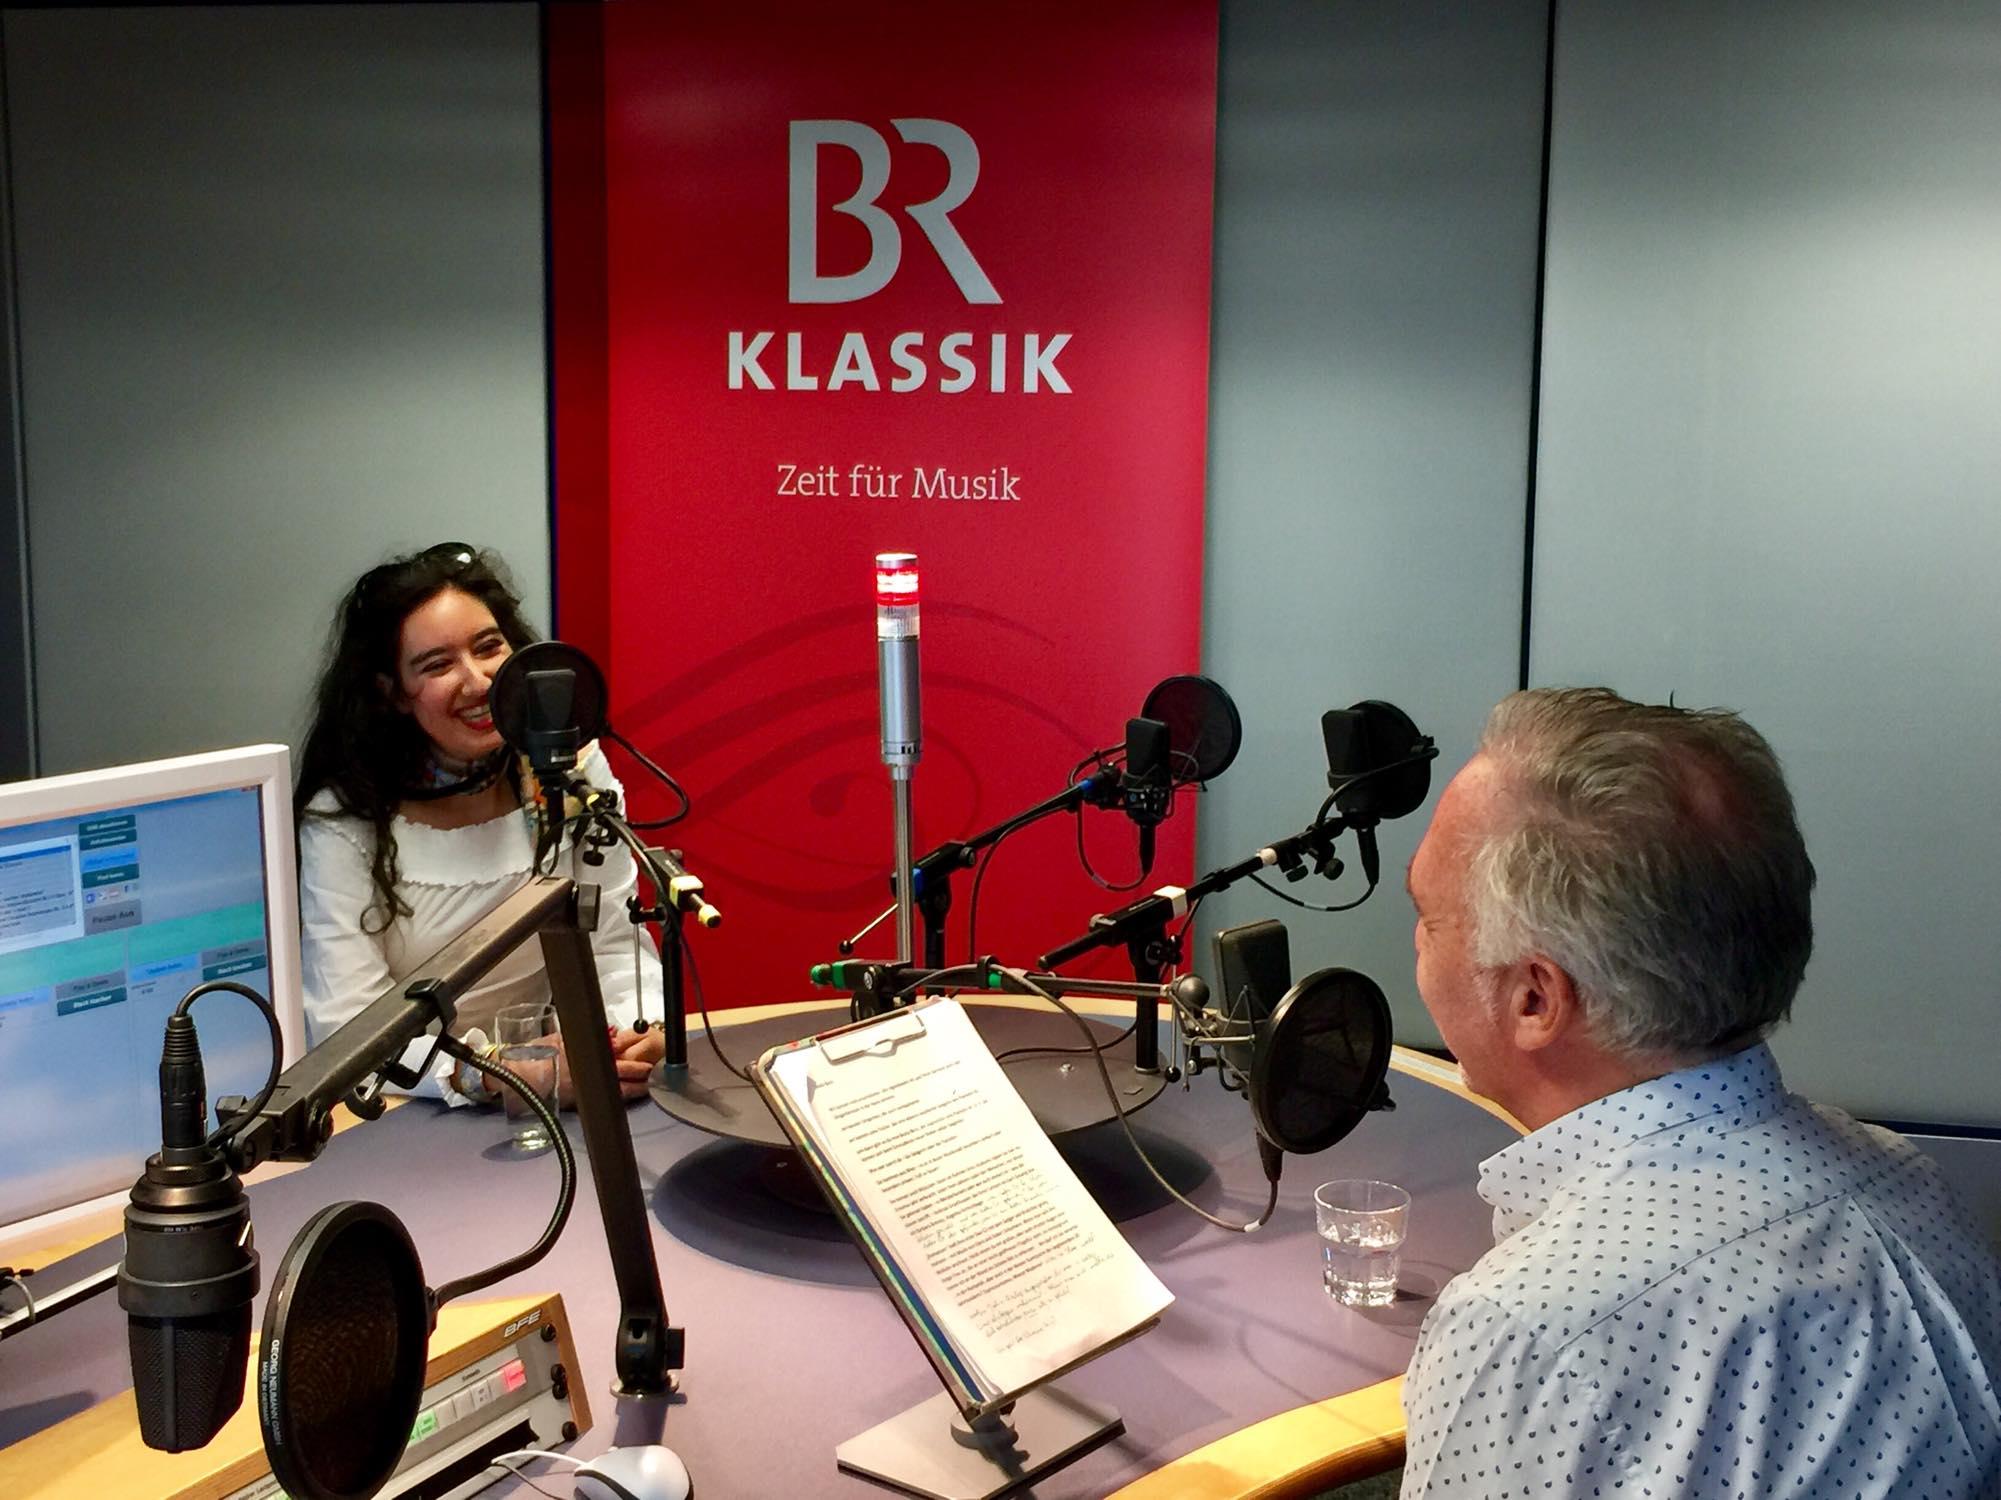 Interview mit Michael Atzinger im Bayrischen Rundfunkhaus - BR Klassik